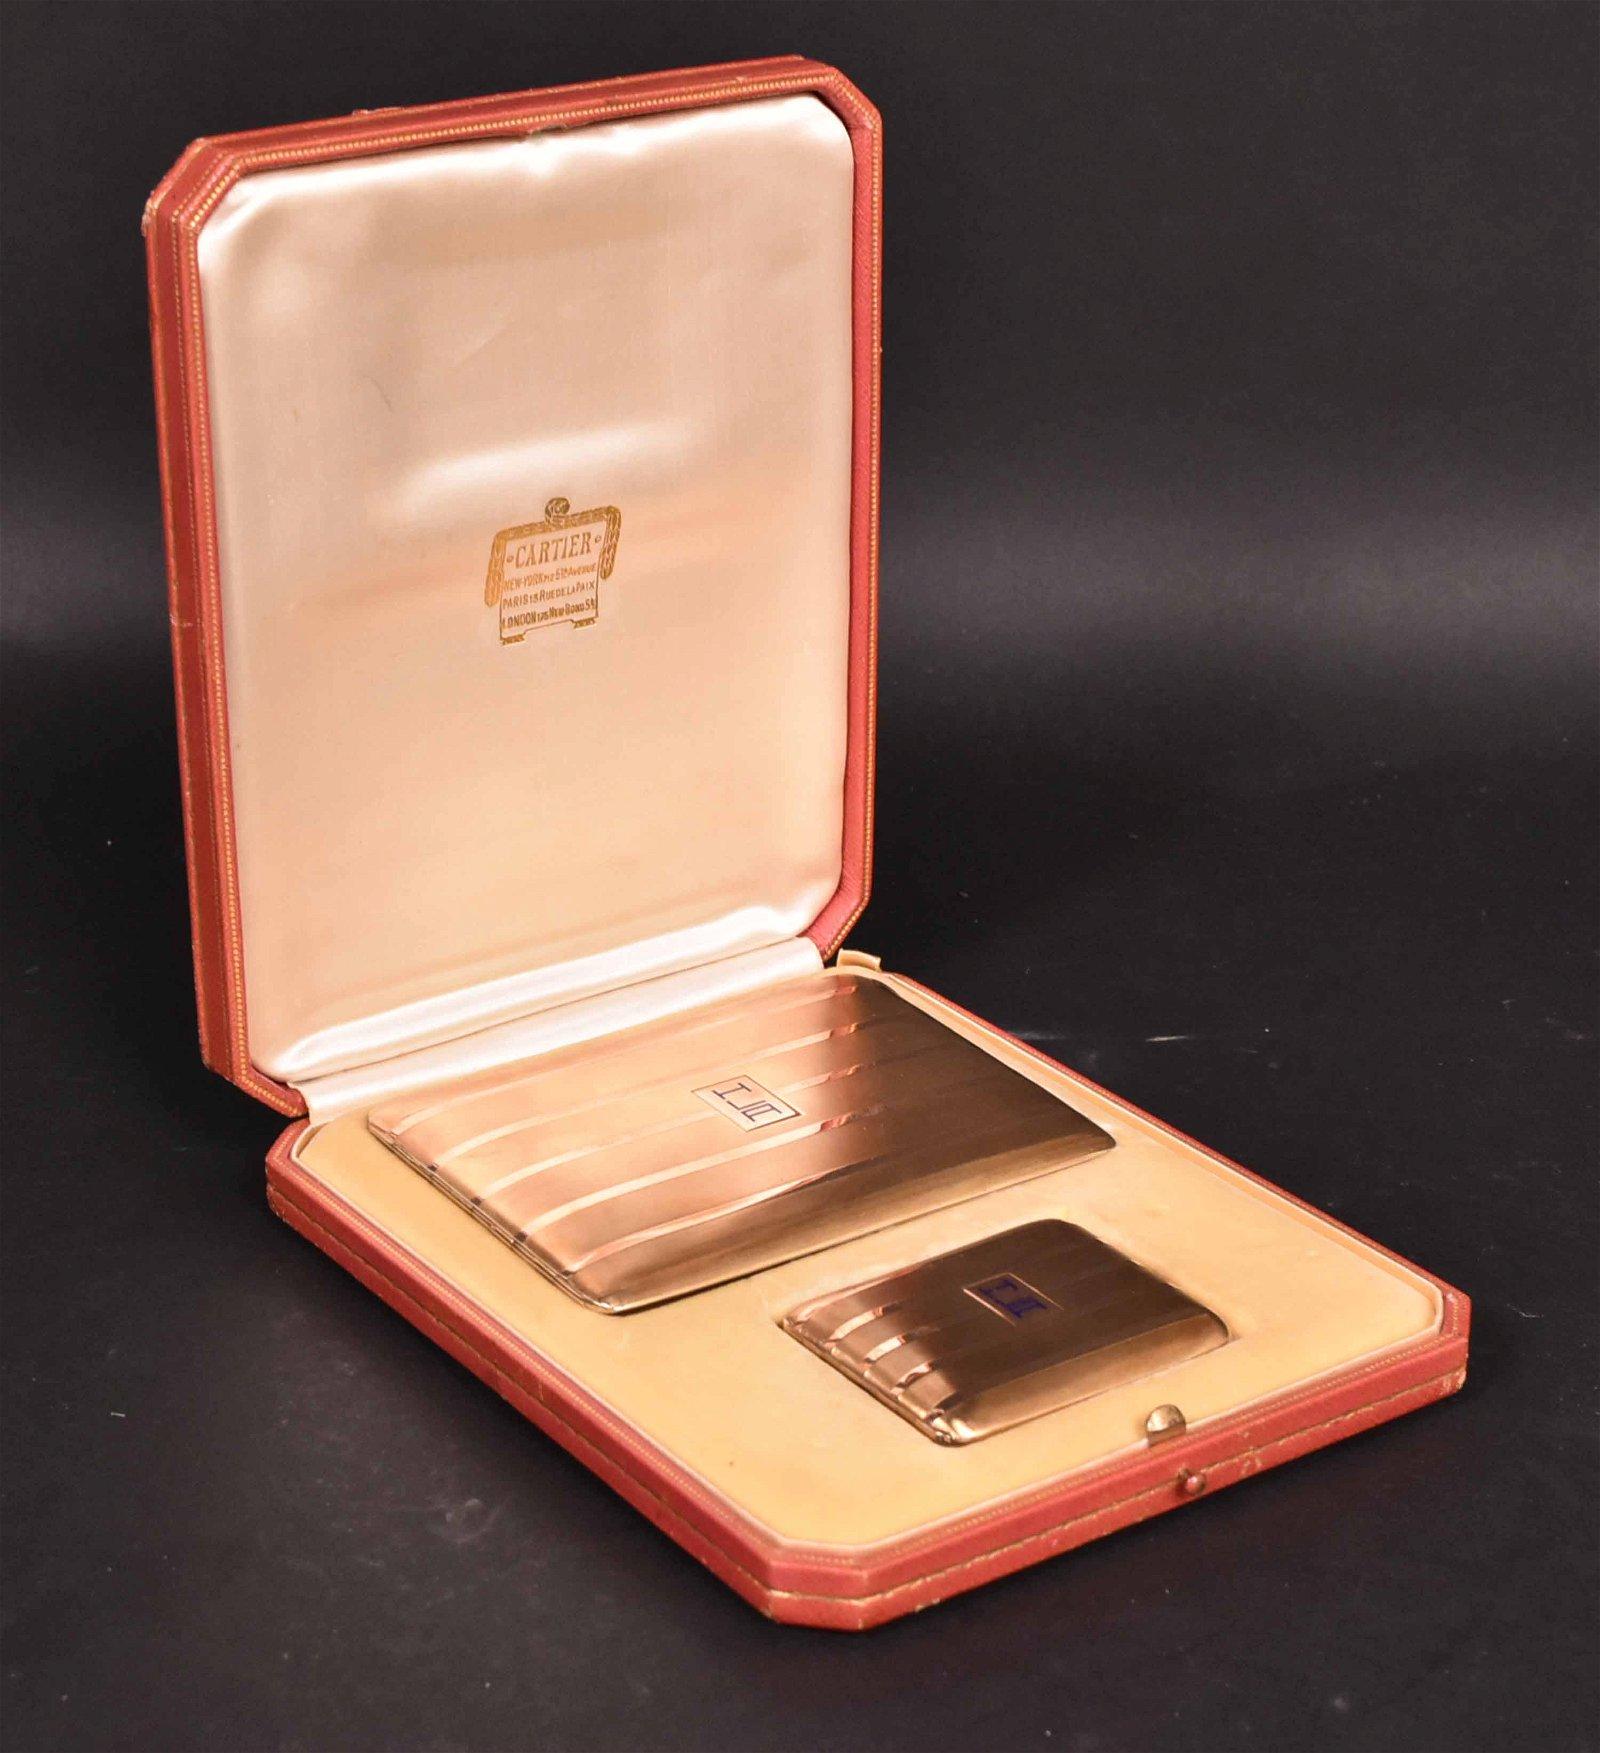 Cartier Boxed Set 14K Yellow Gold Cigarette Case